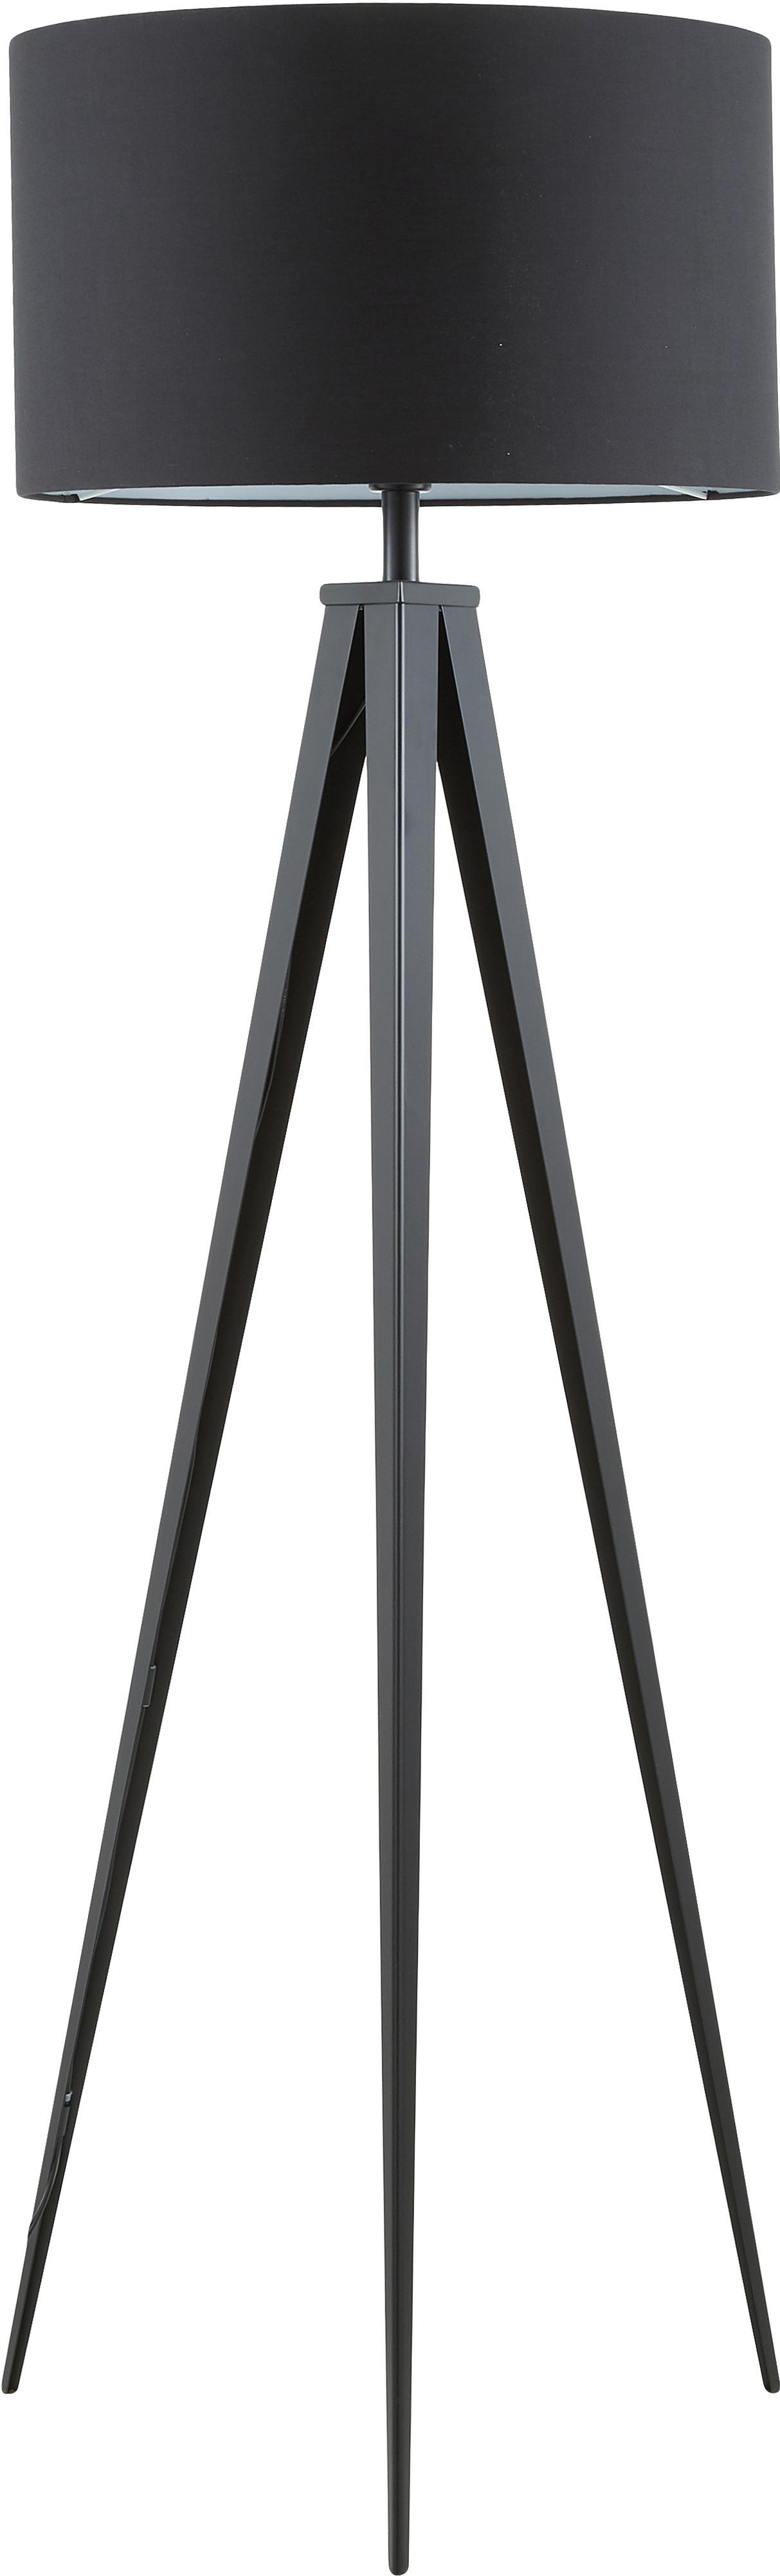 Lampa podłogowa Jake, Klosz: czarny Podstawa lampy: matowy czarny, Ø 50 x W 158 cm